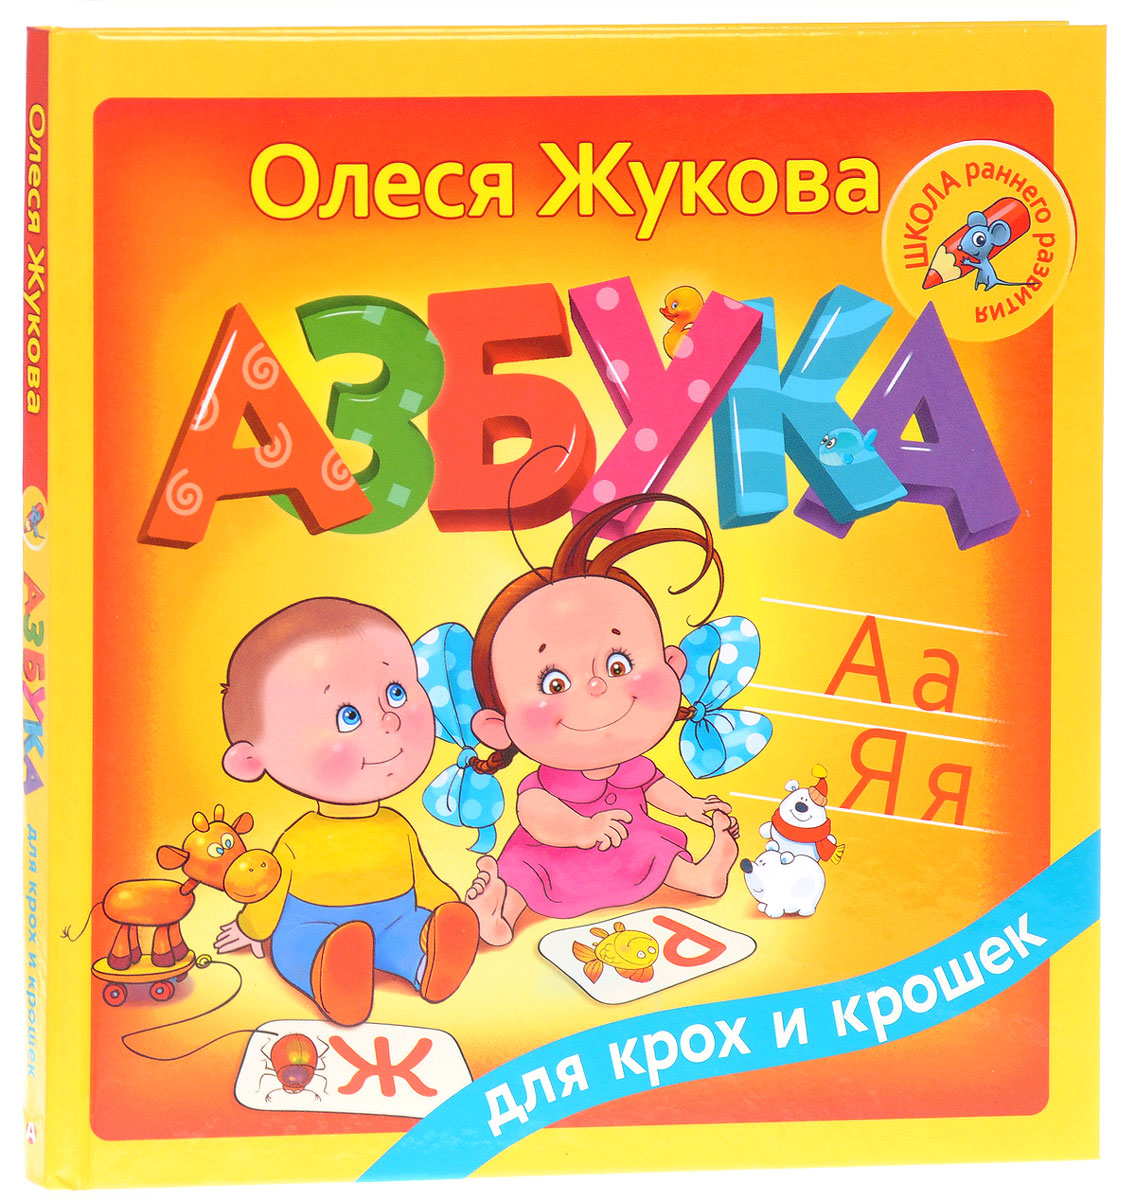 Азбука для крох и крошек. Олеся Жукова